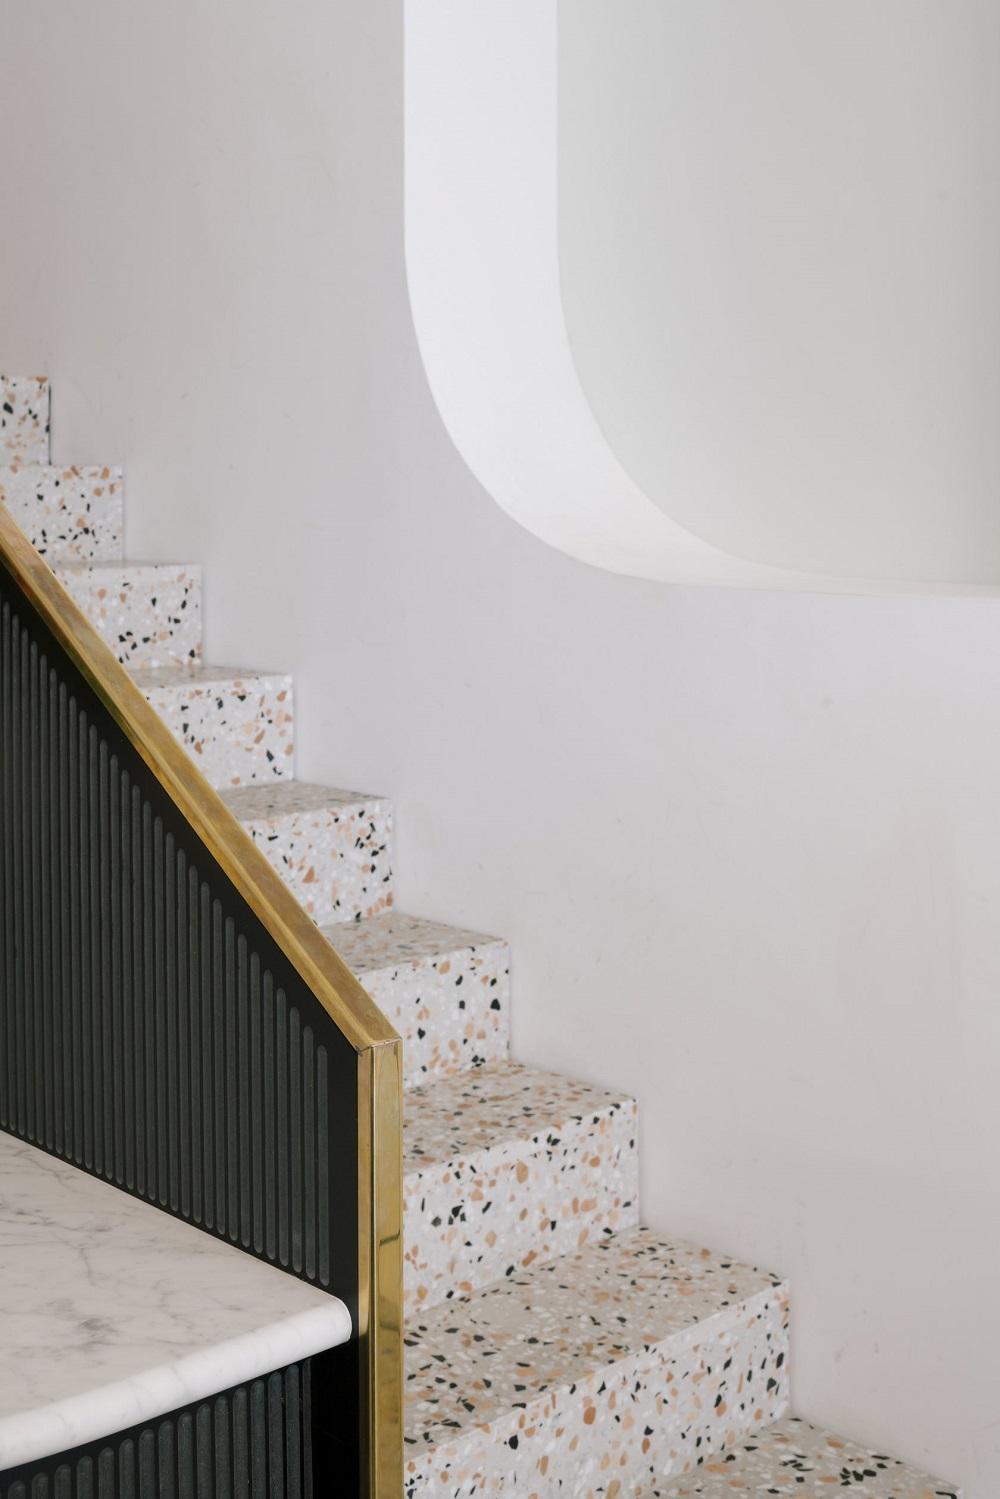 Vật liệu đá mài granito được ứng dụng dễ dàng nhất trong thiết kế cầu thang.